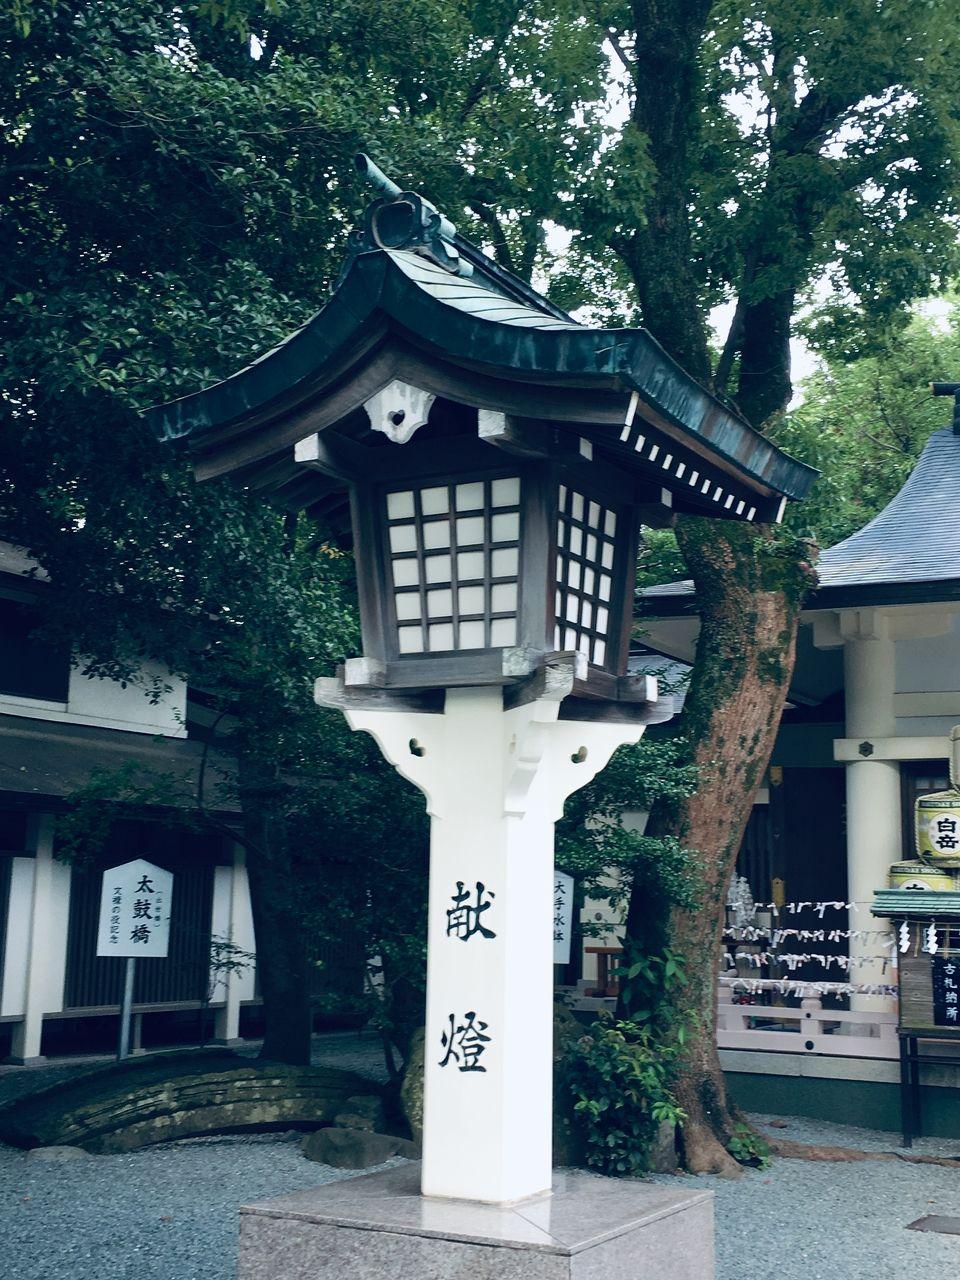 加藤神社に献灯されている燈籠